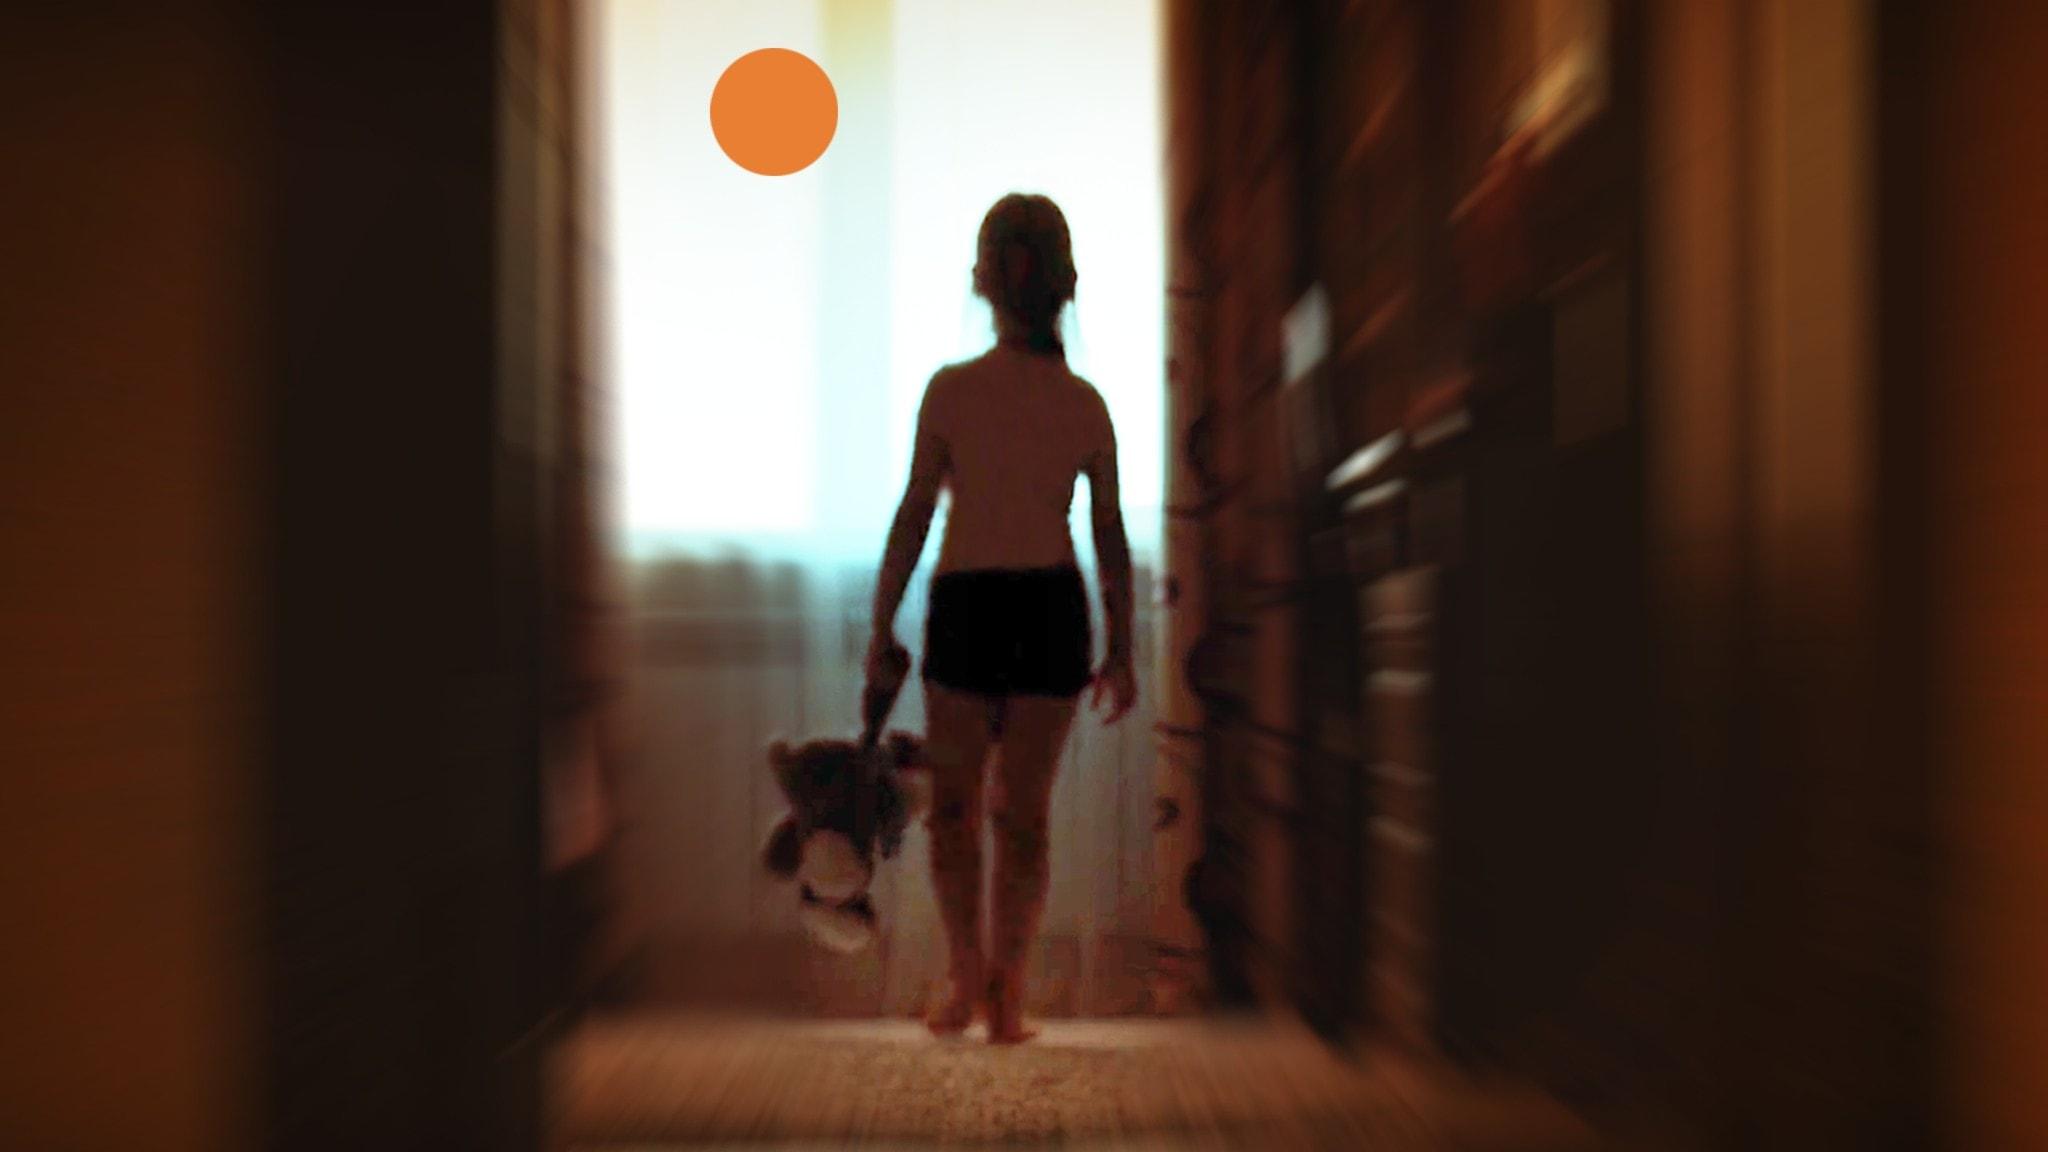 Barnen i vårdnadstvisterna: De tysta skriken